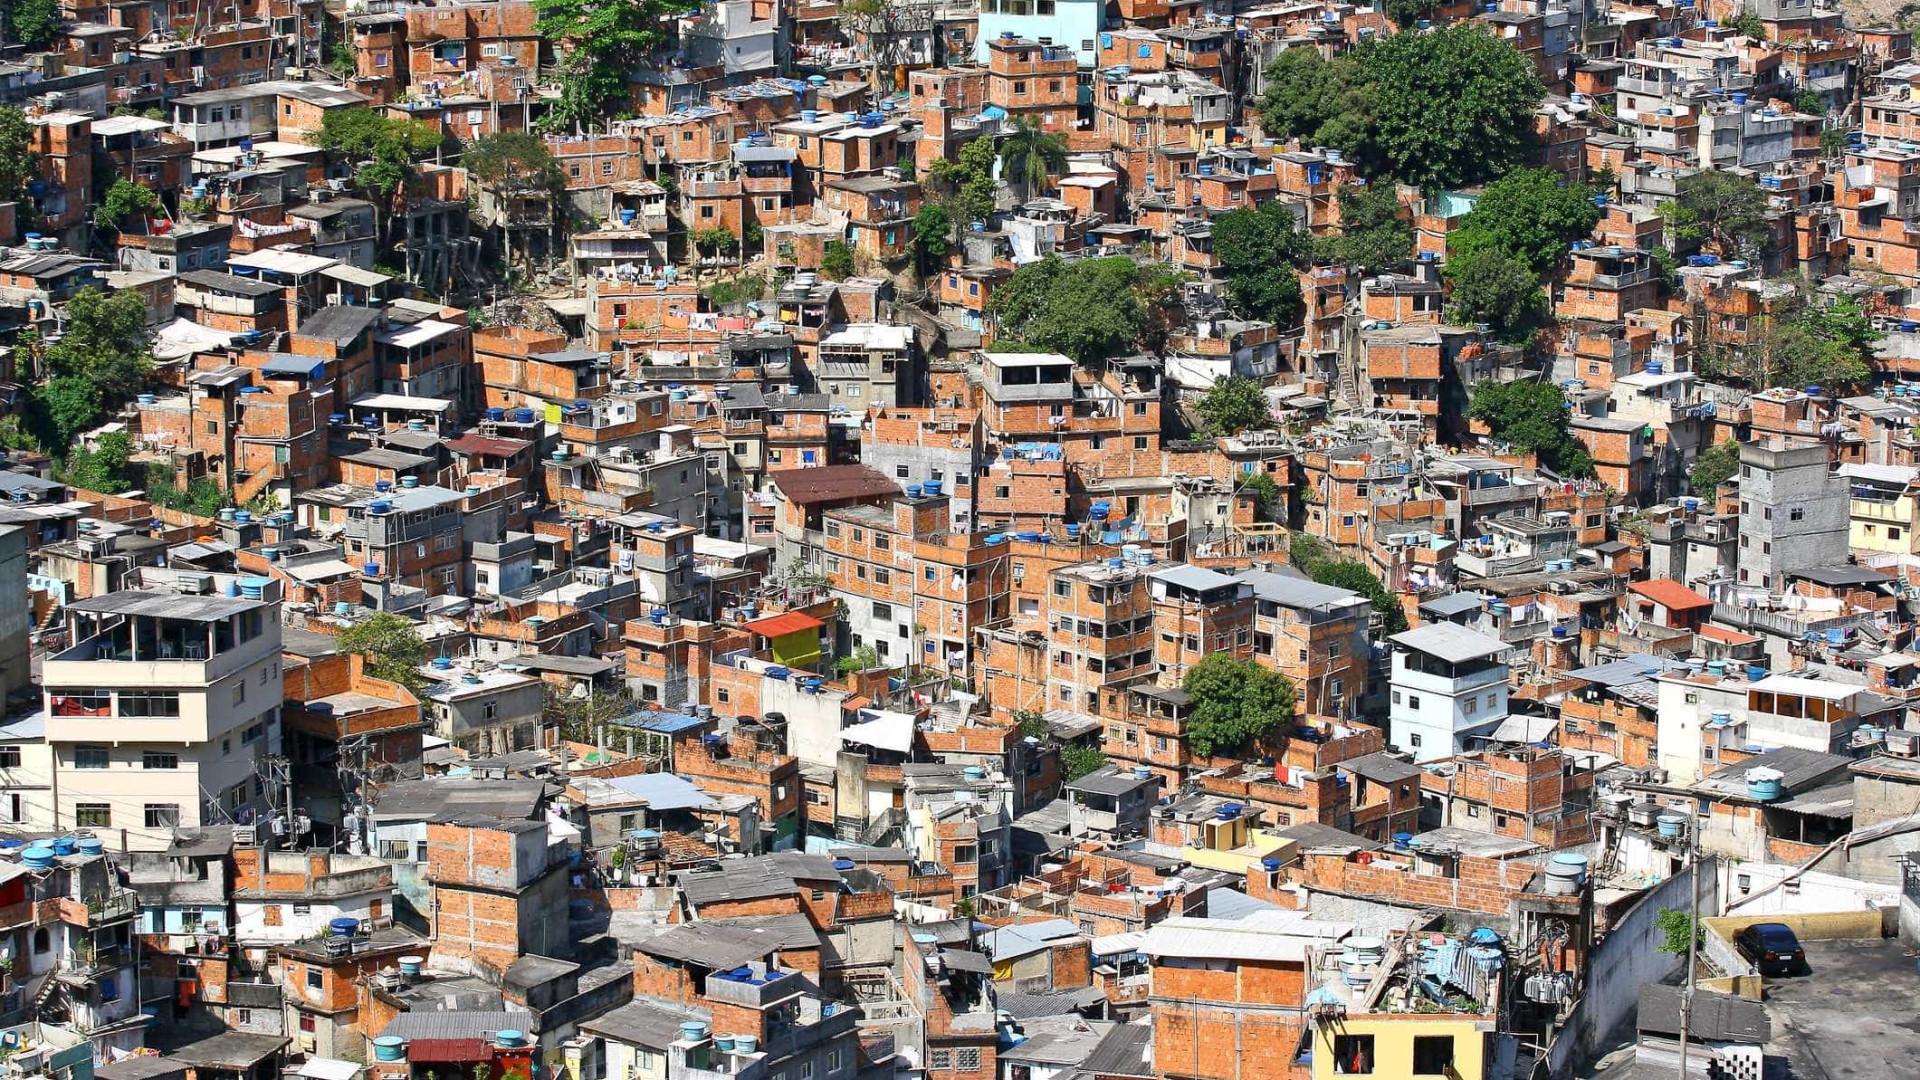 PM apreende 800 quilos de drogas e 46 granadas em favela no RJ